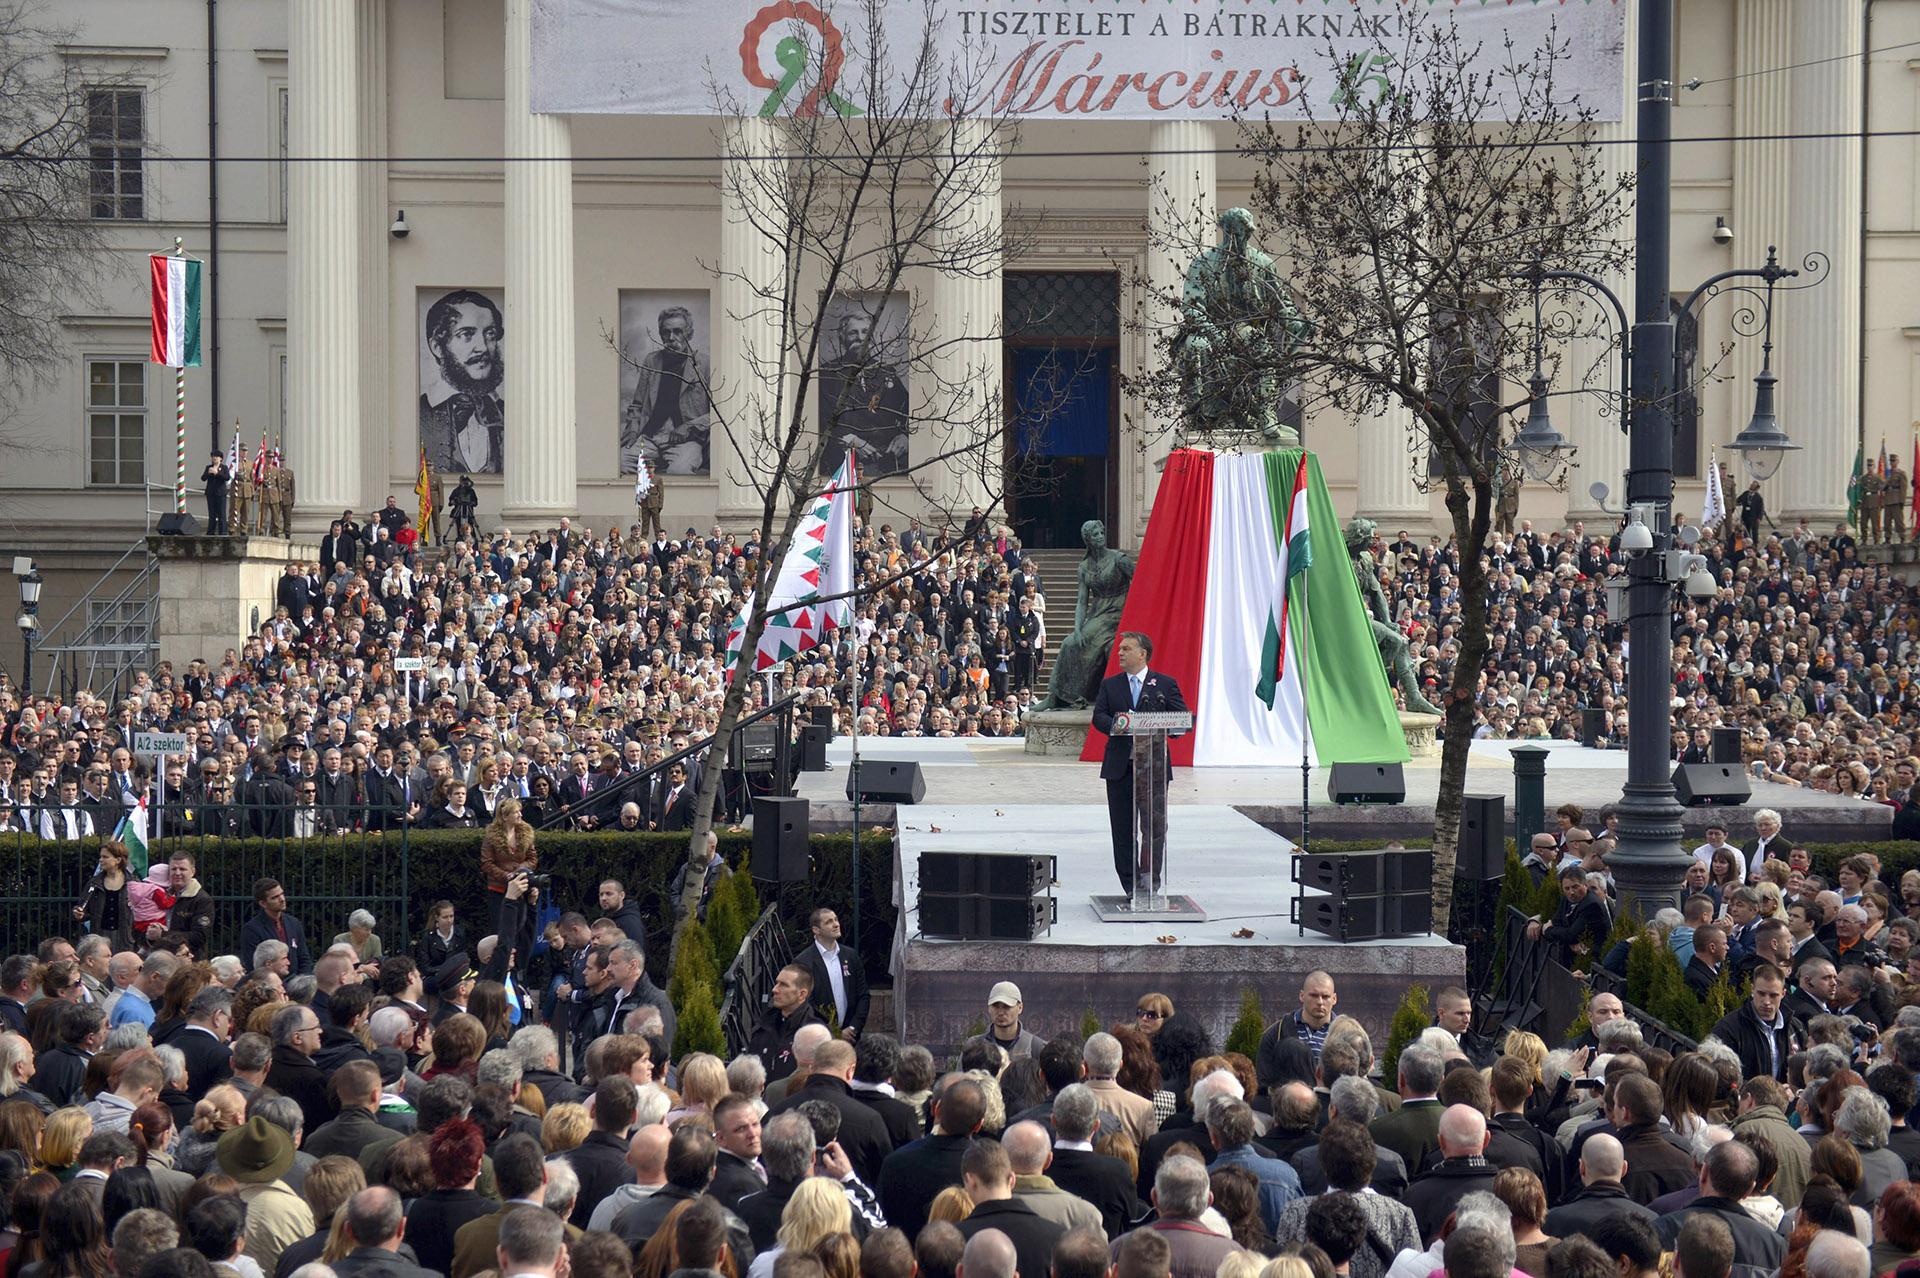 Lefújja a kormány a március 15-ei ünnepséget